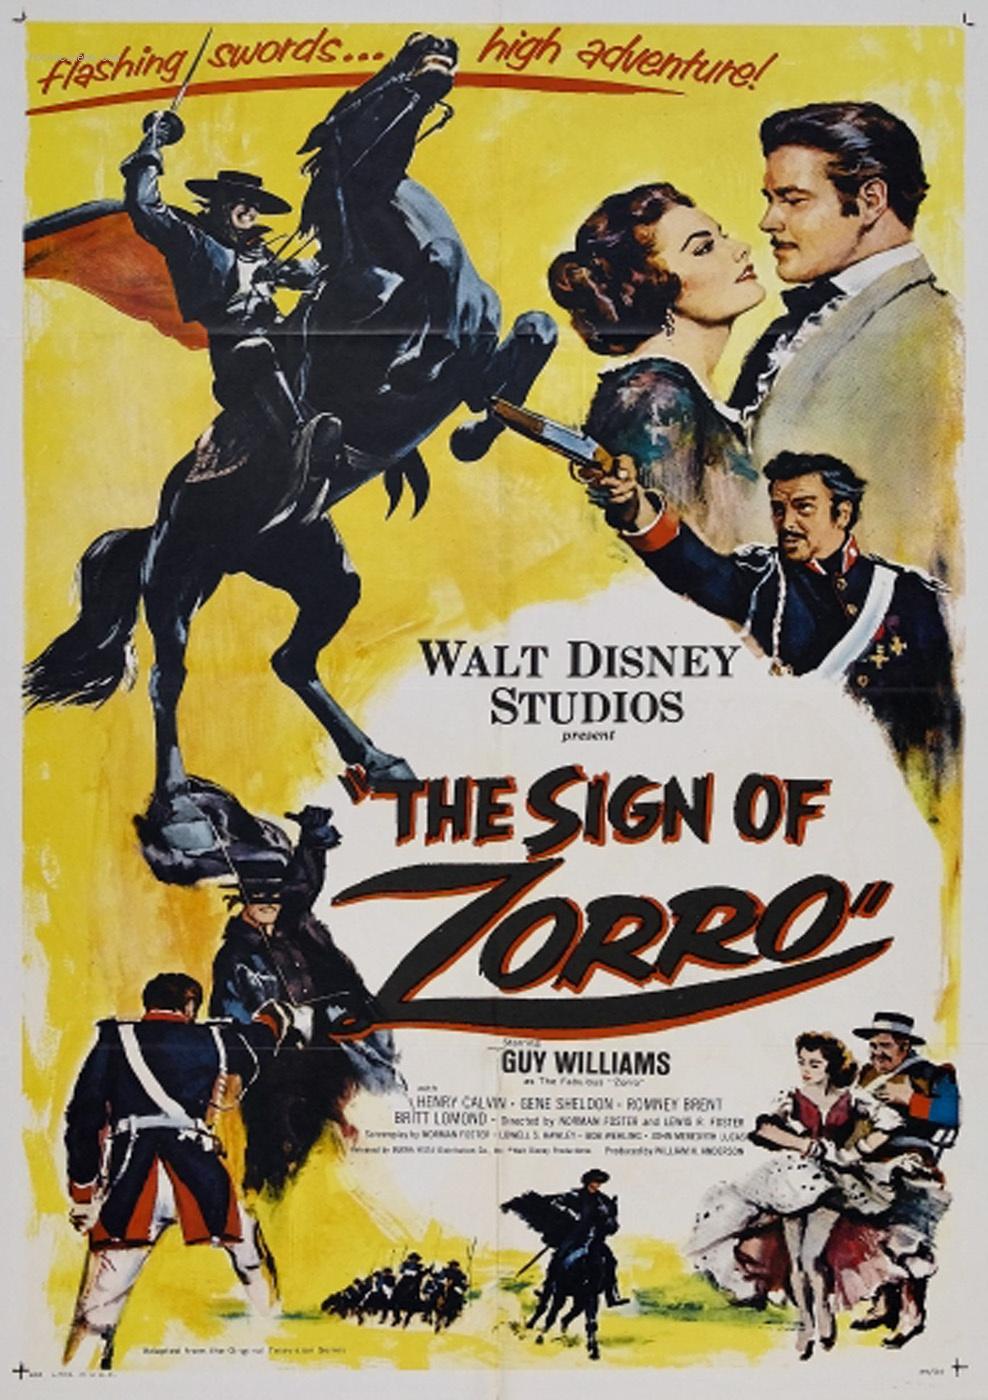 """Affiche US pour """"Le Signe de Zorro"""", un film de Lewis et Norman Foster compilant divers extraits des treize premiers épisodes de la série """"Zorro """" (Studios Disney, 1958)."""